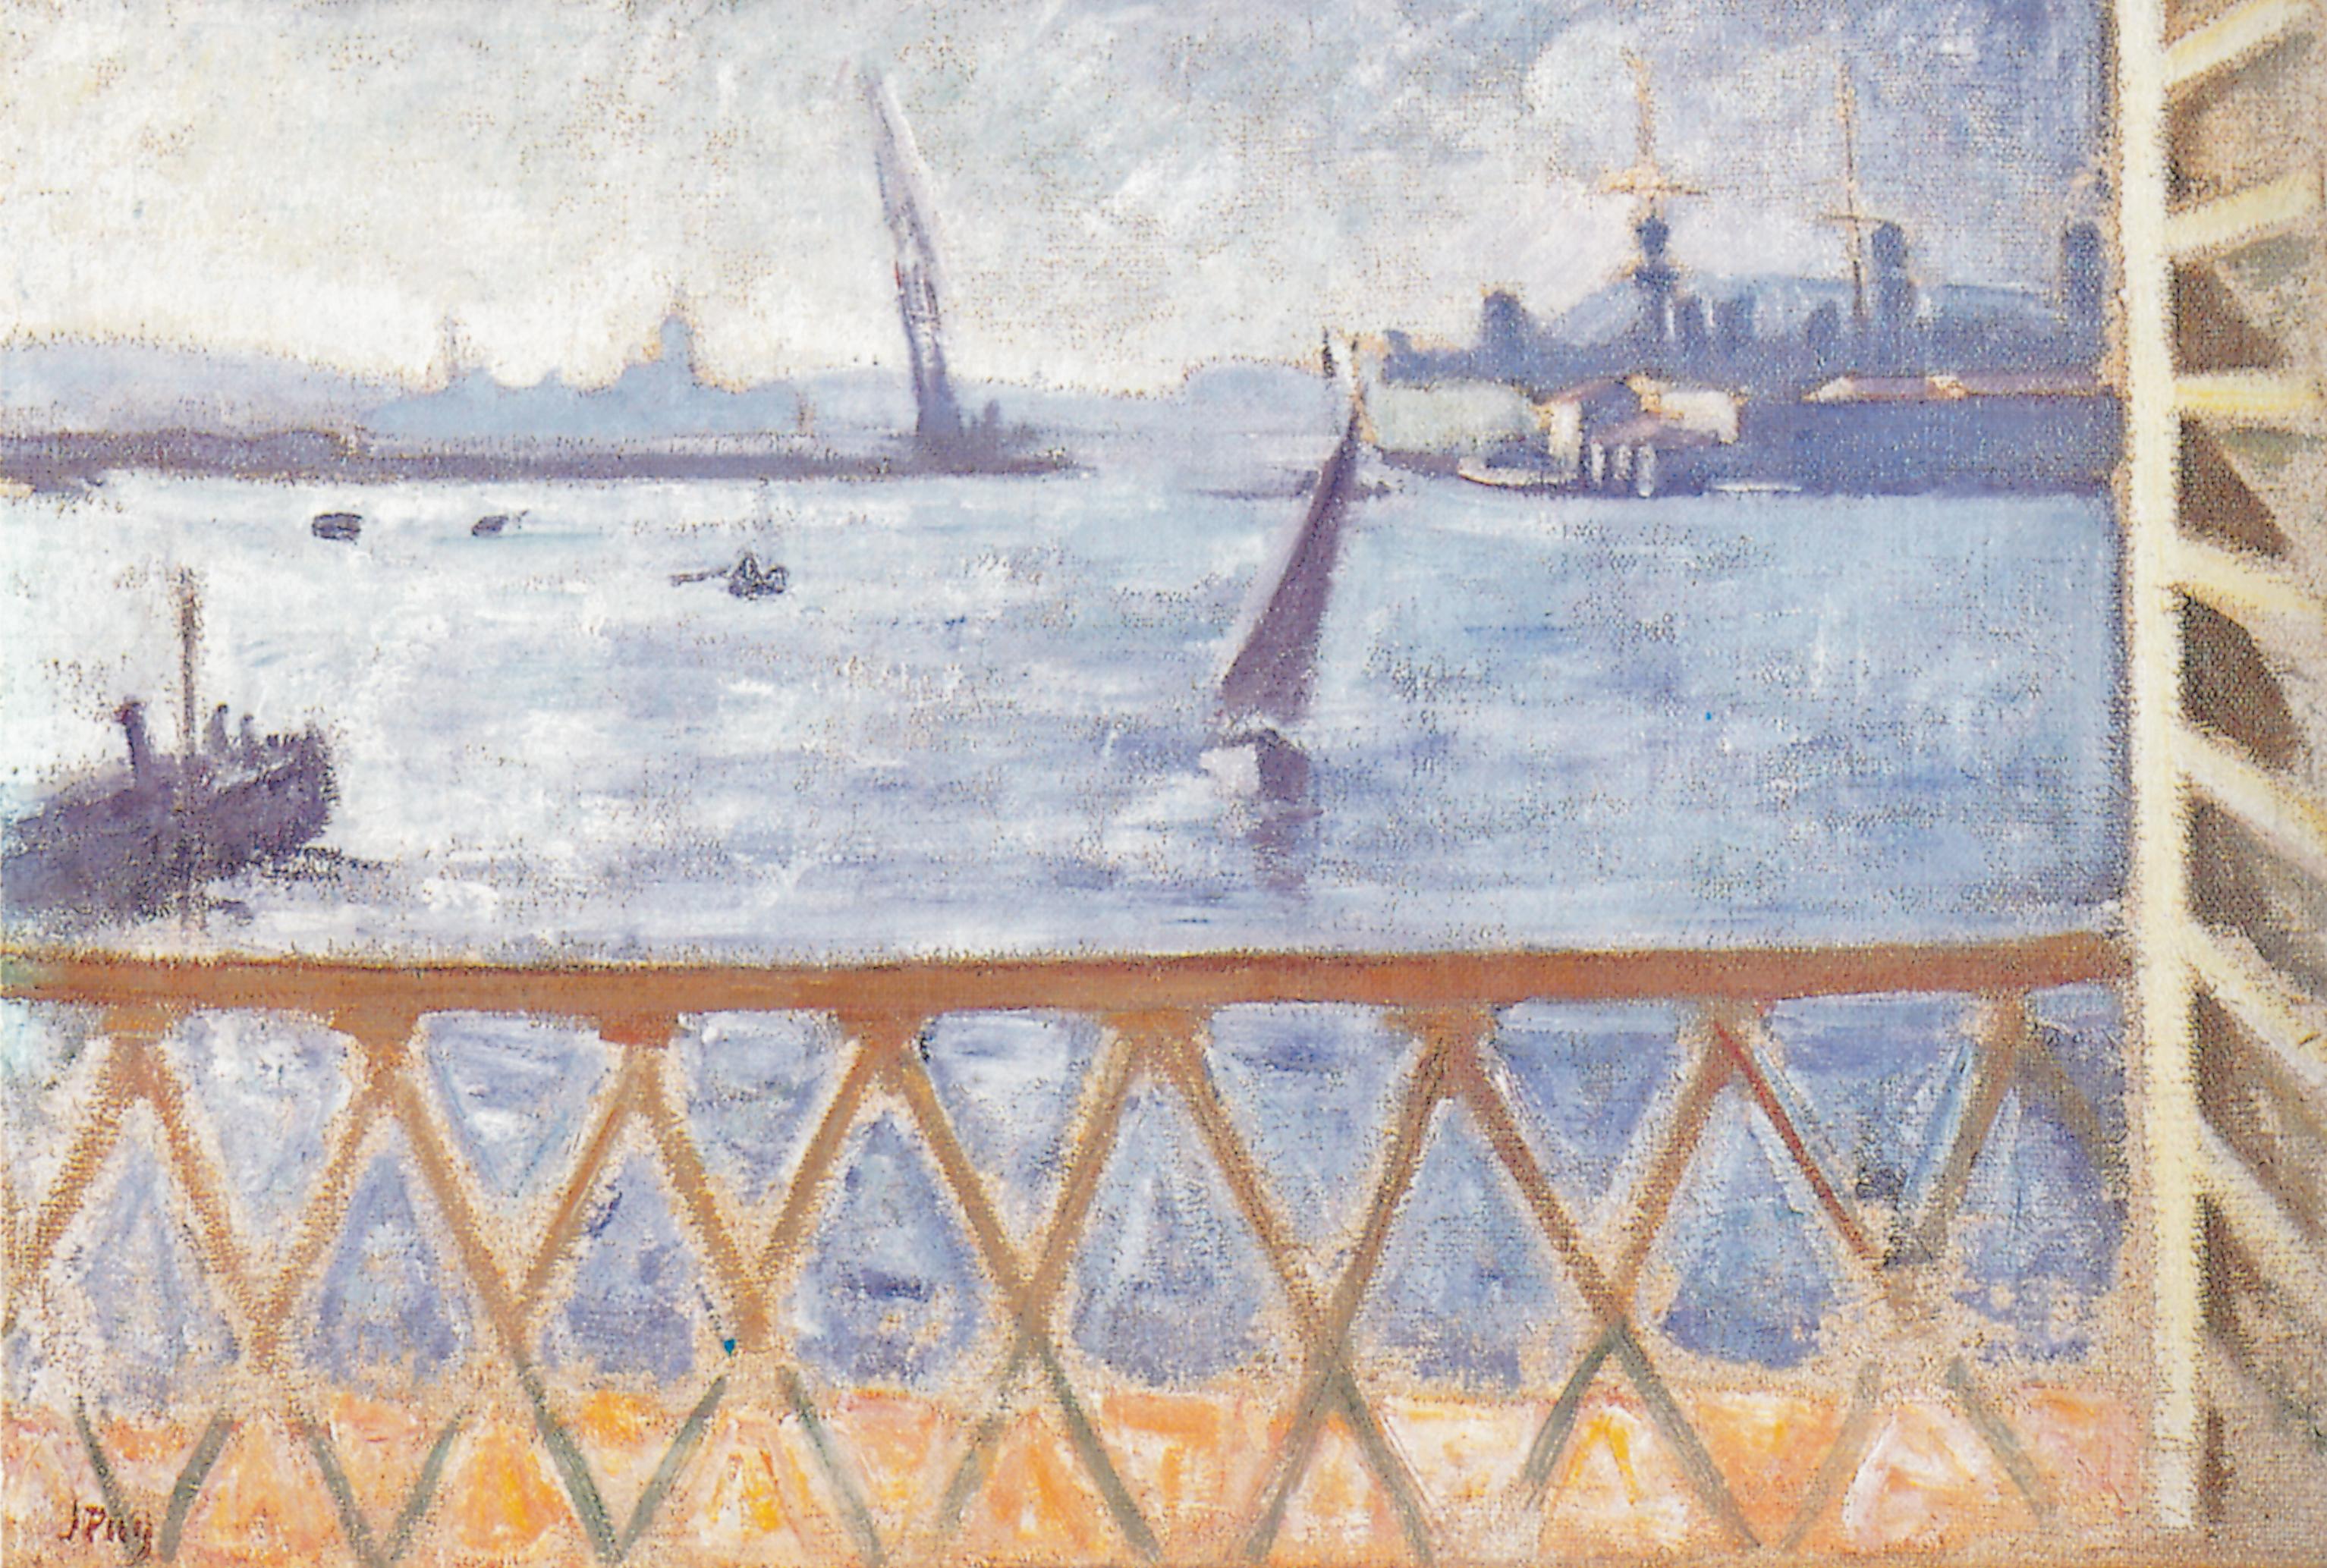 Le Port de Toulon, vu de la fenêtre, 1930, Huile sur toile, 50 x 73 cm, collection particulière